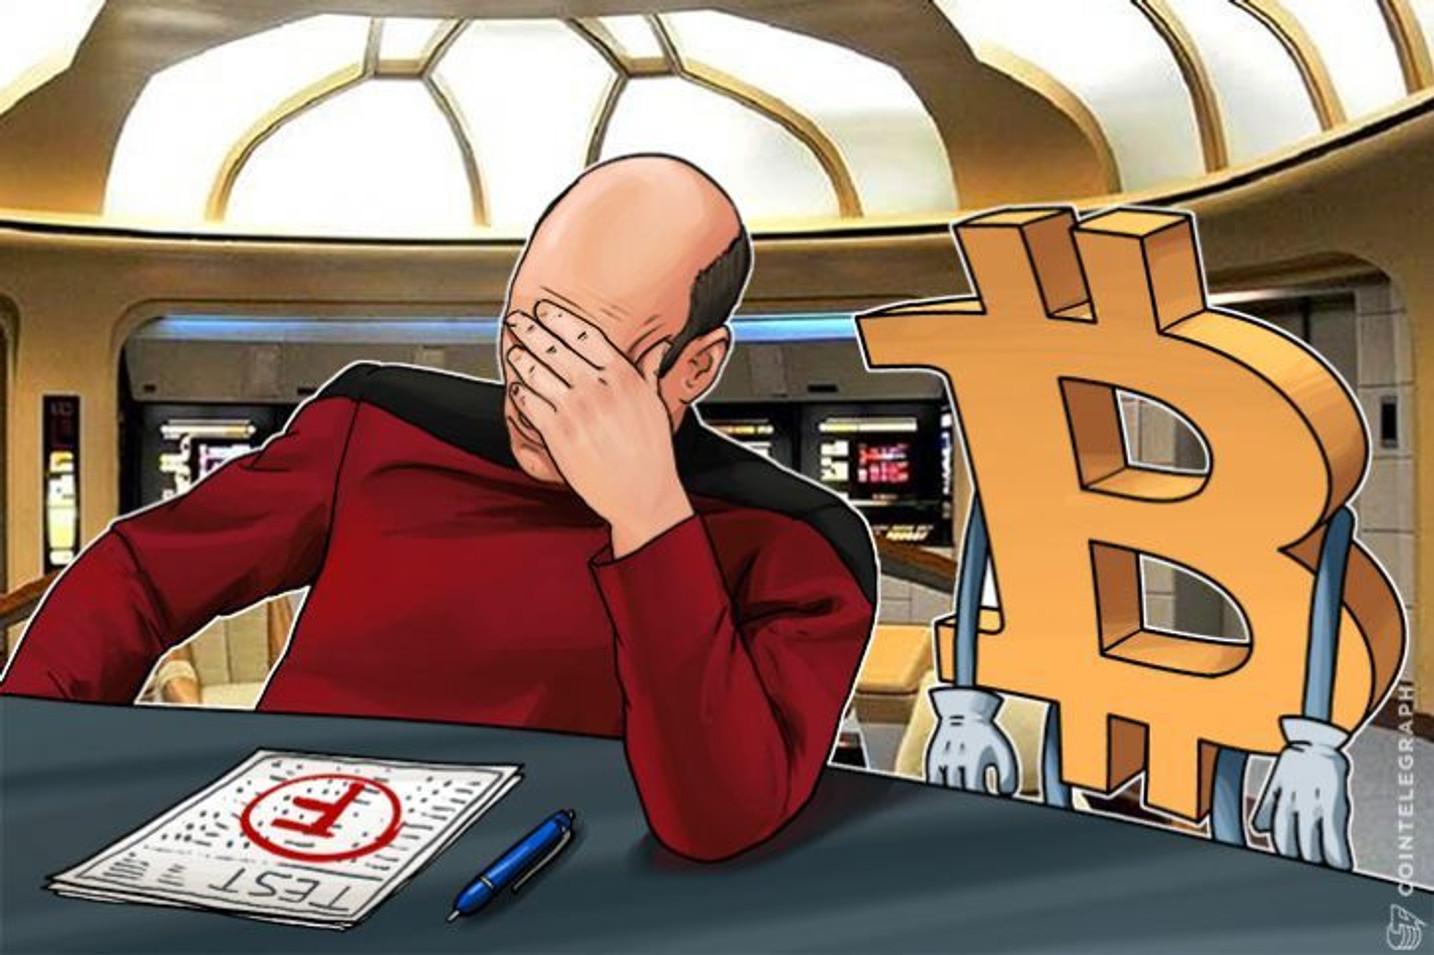 ¿Tienes FUD? Las nuevas críticas de opositores de Bitcoin son cada vez más desesperadas